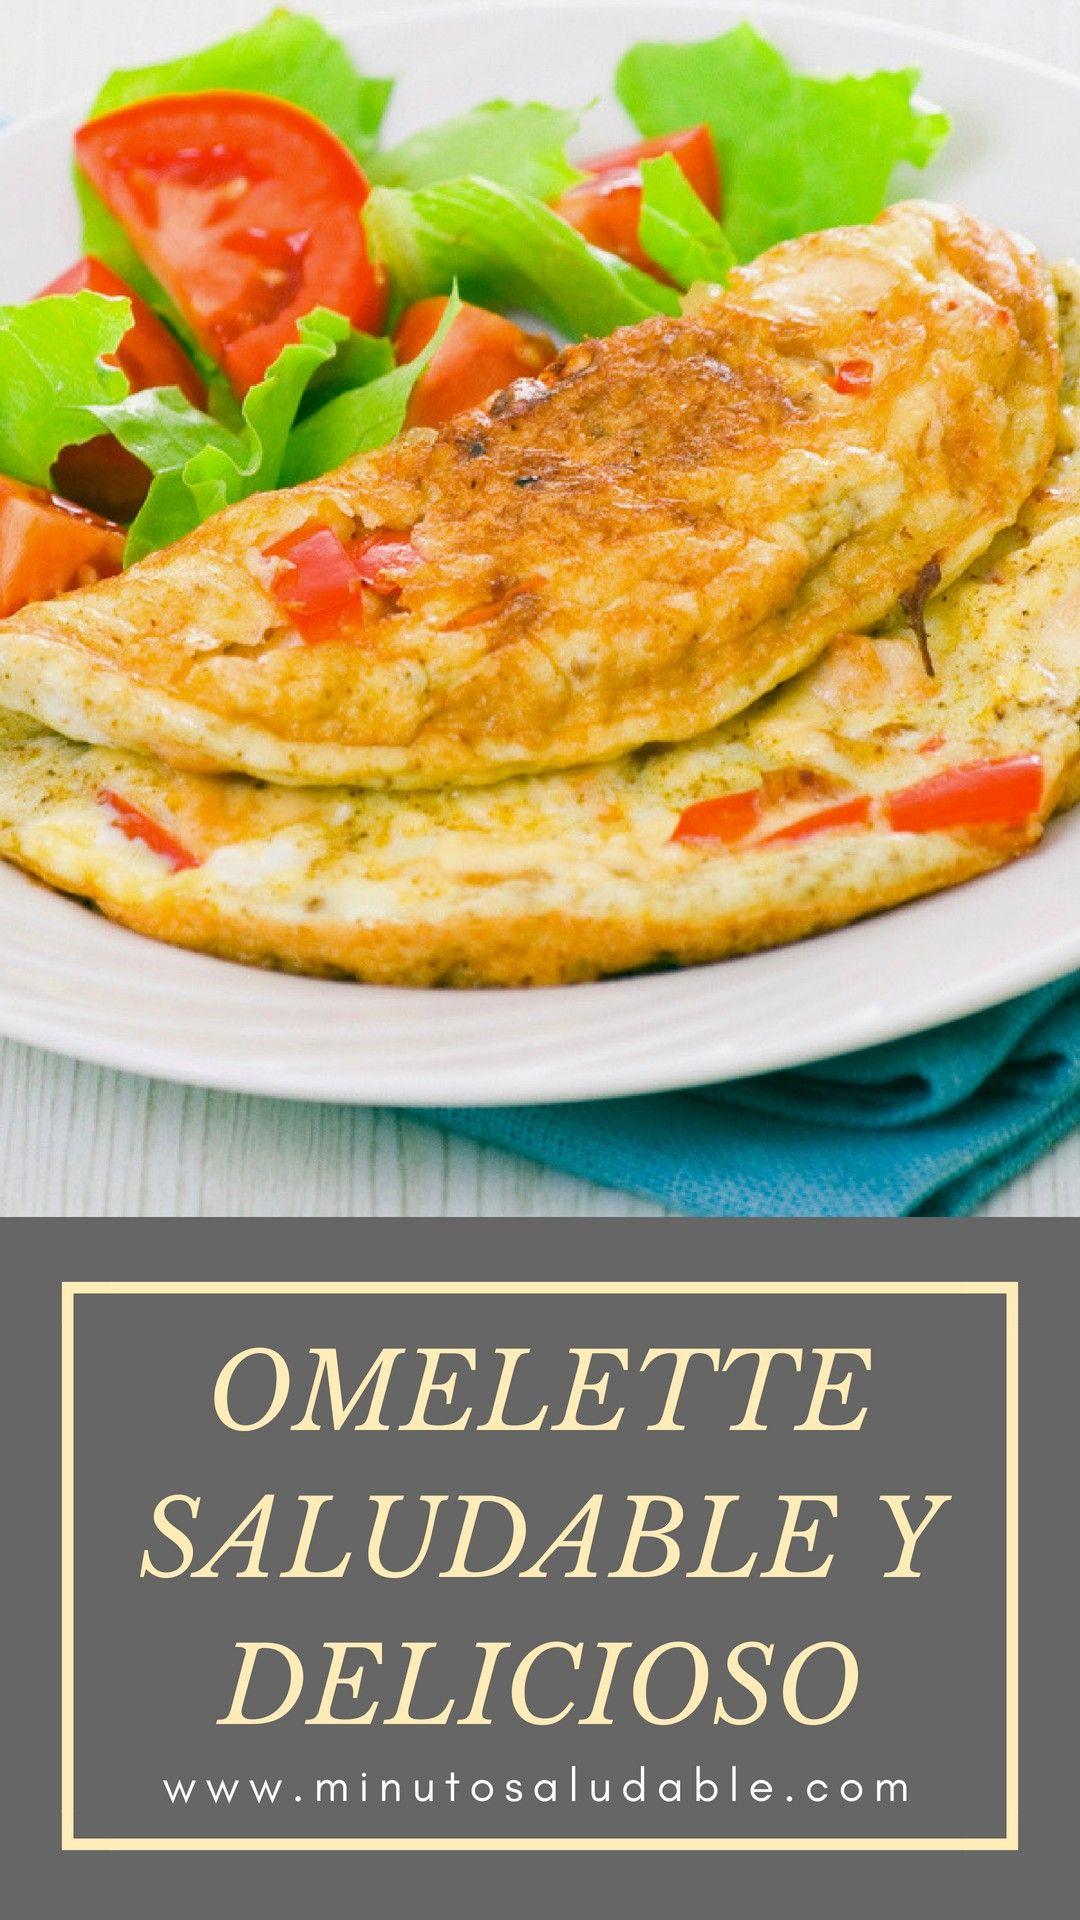 Omelette Recetas Saludables Comida Recetas Saludables Desayuno